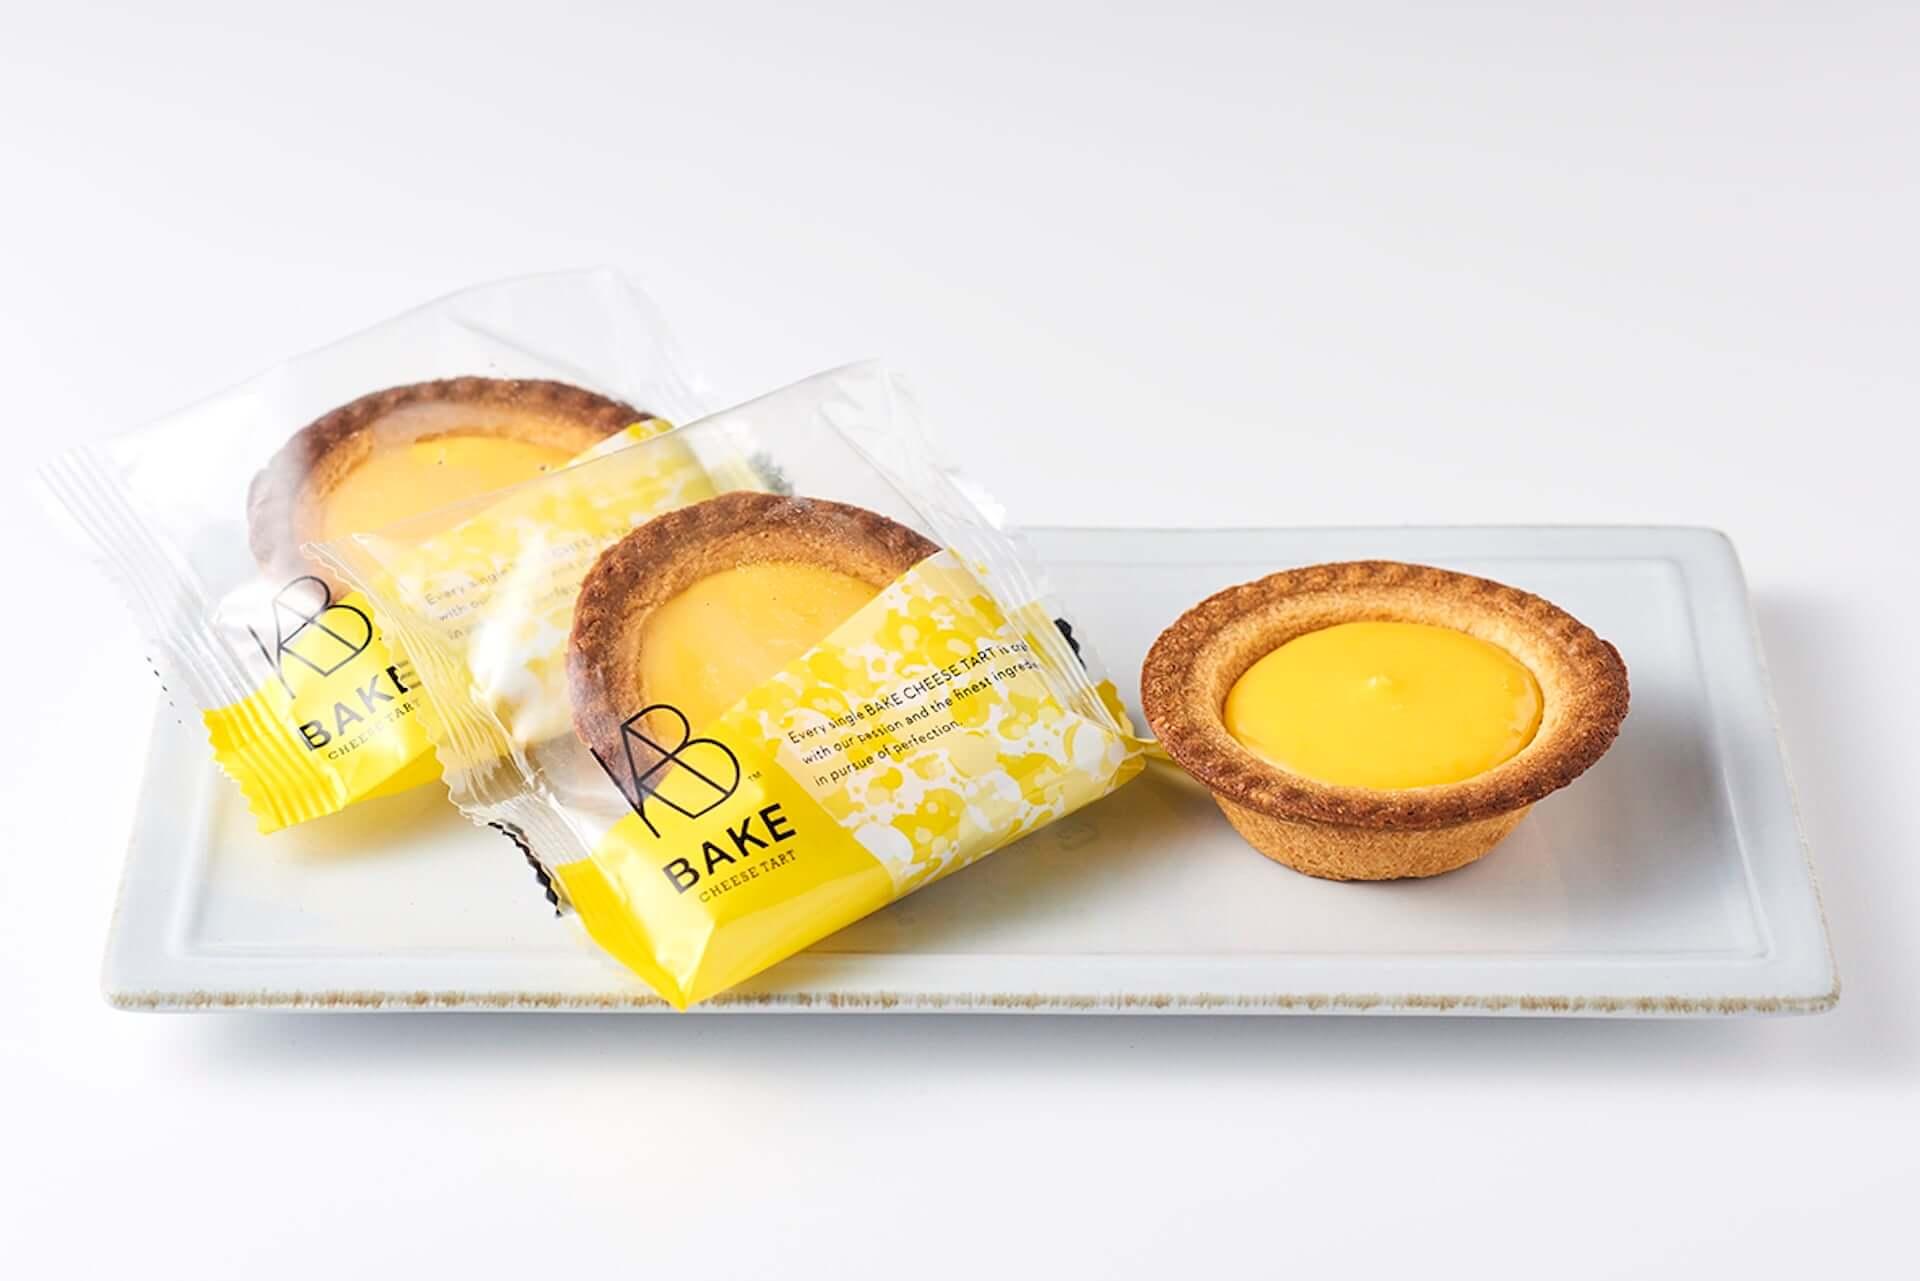 BAKE CHEESE TARTから冷やして美味しい夏季限定商品『冷やしプリンチーズタルト』と『瀬戸内レモンチーズタルト』が発売決定! gourmet200728_bake-cheesetart_8-1920x1281